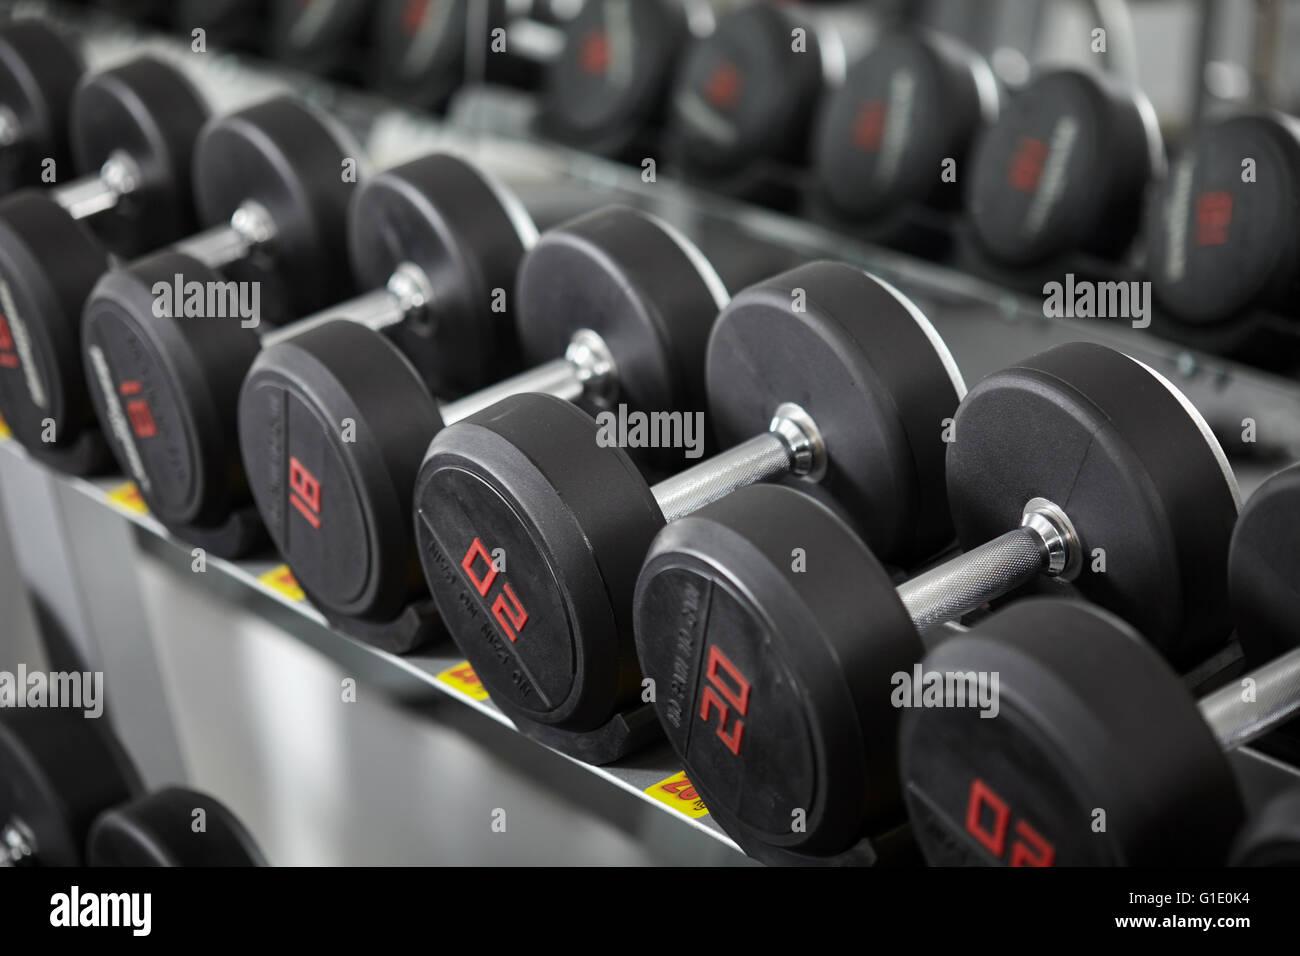 Filas de nuevo las pesas en el gimnasio, en el rack. Imagen De Stock